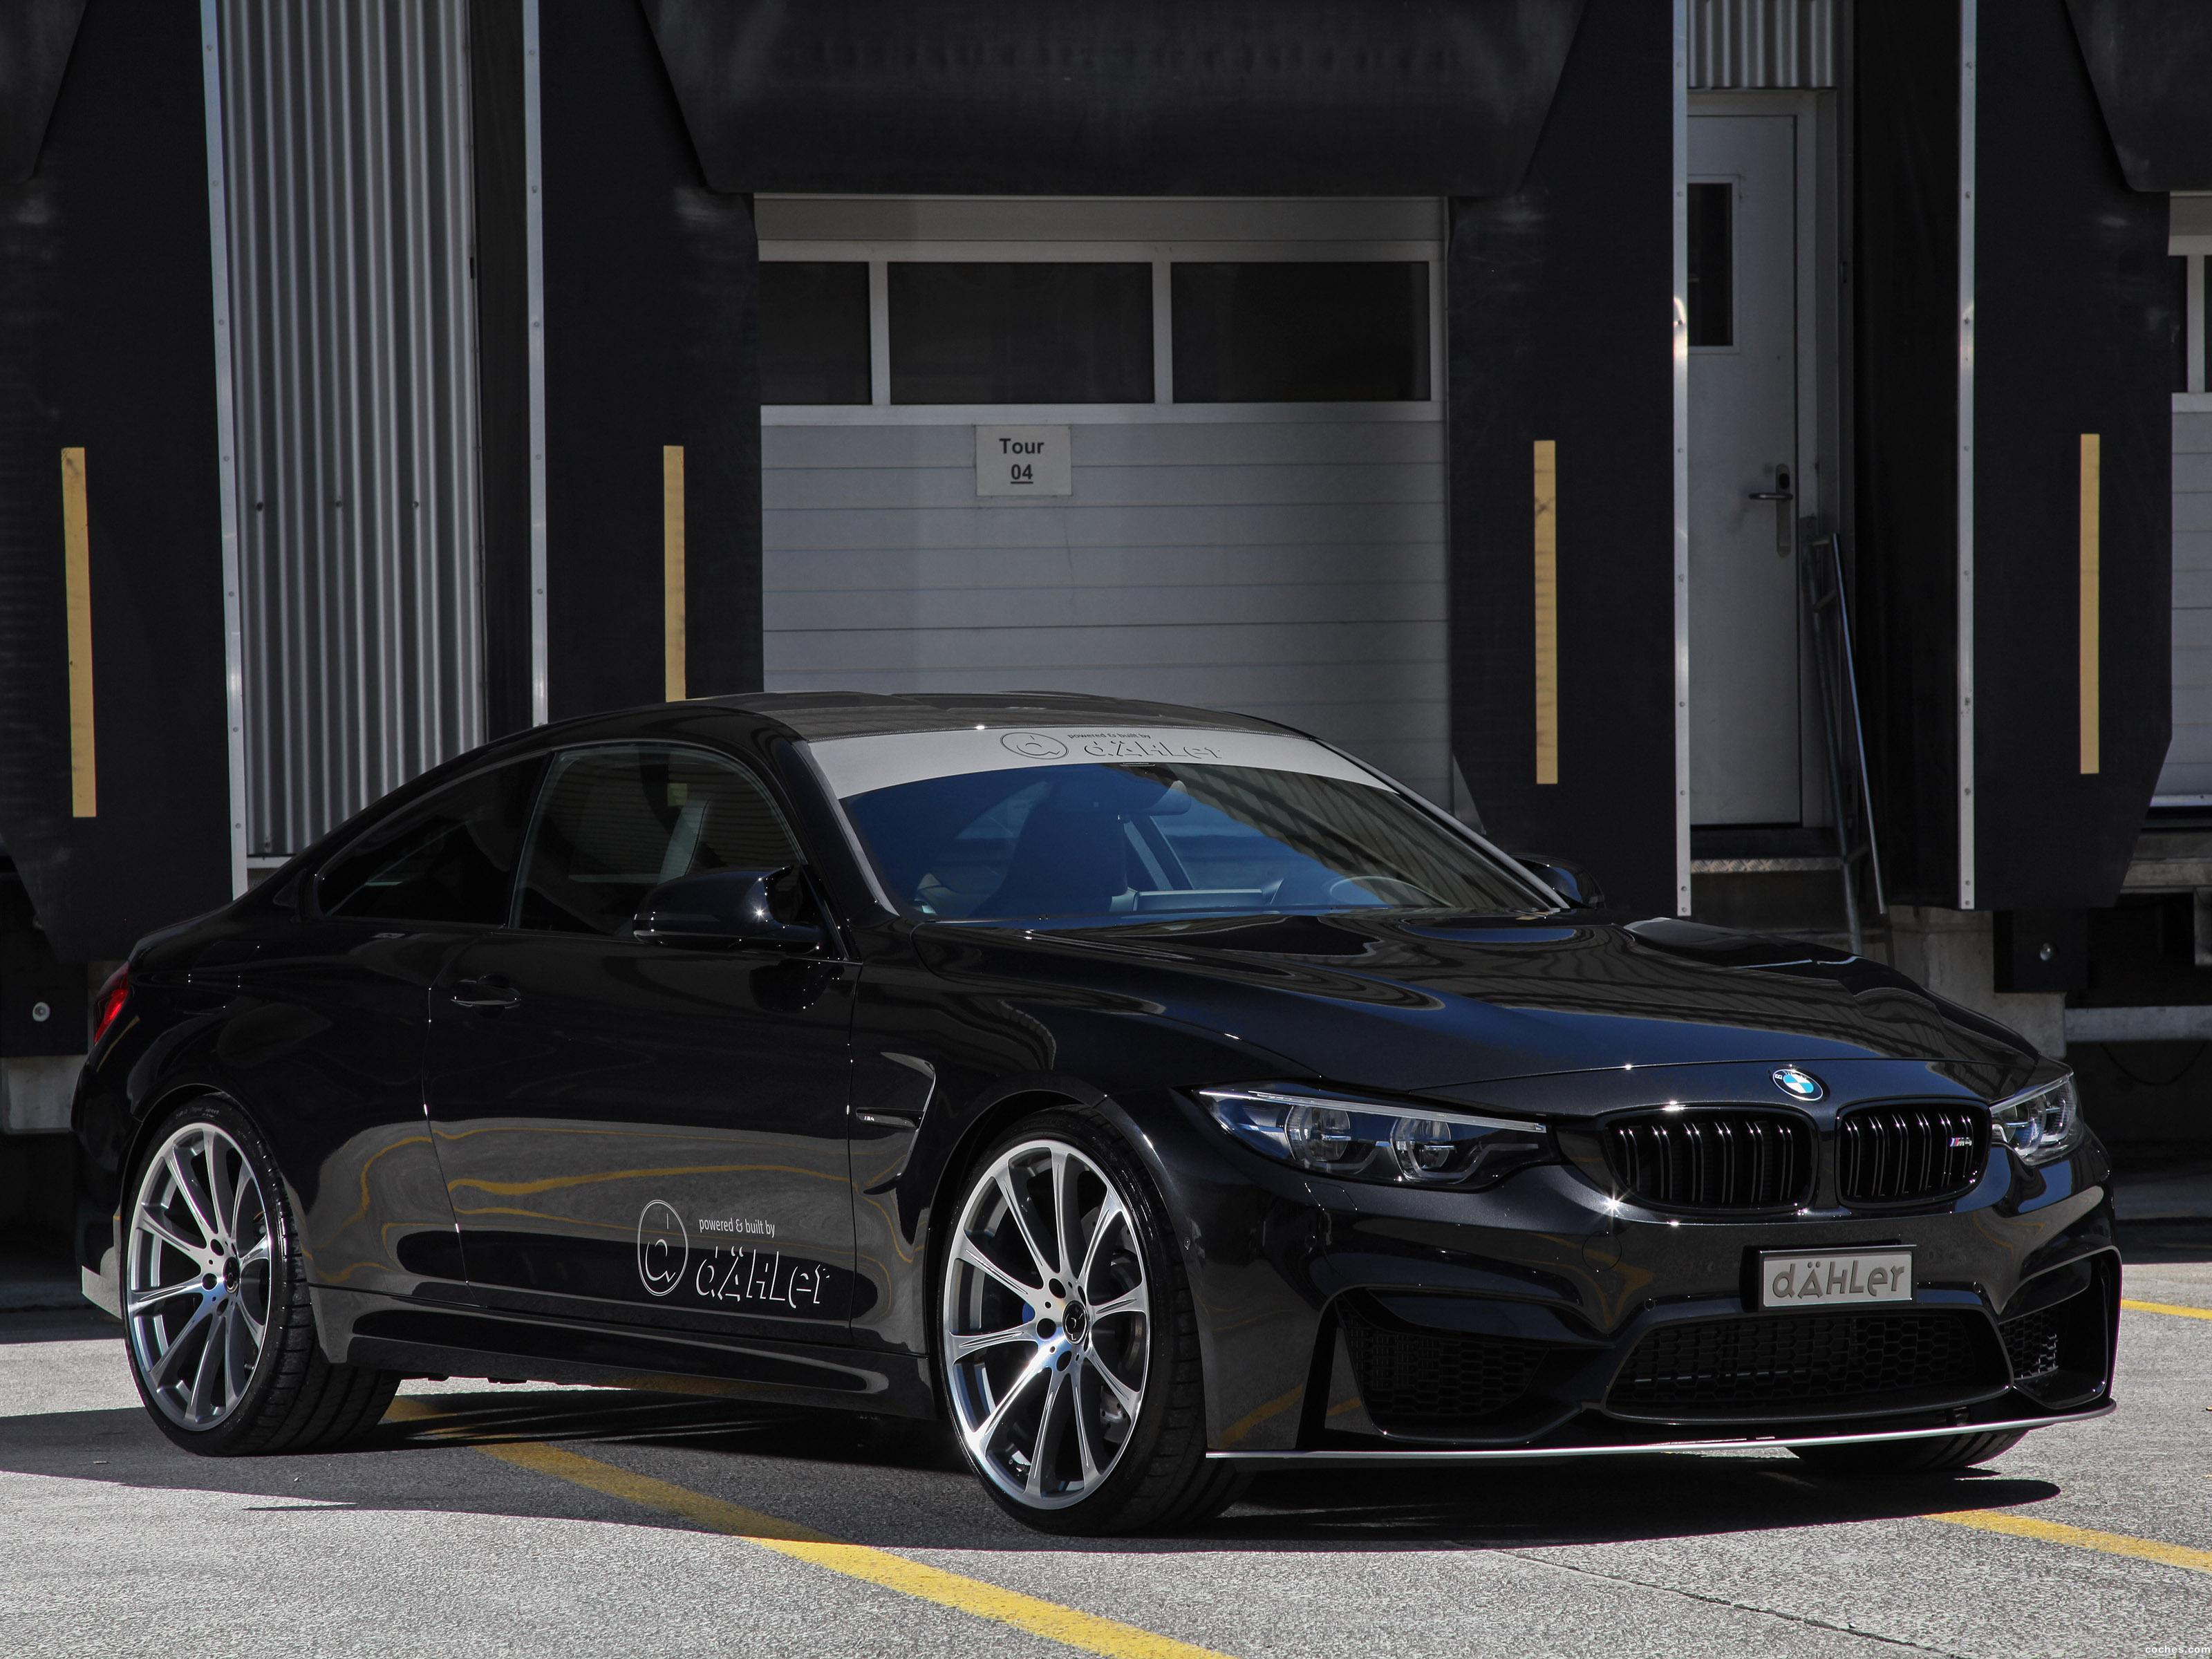 Foto 9 de Dahler BMW M4 Coupe Competition Package F82 2017